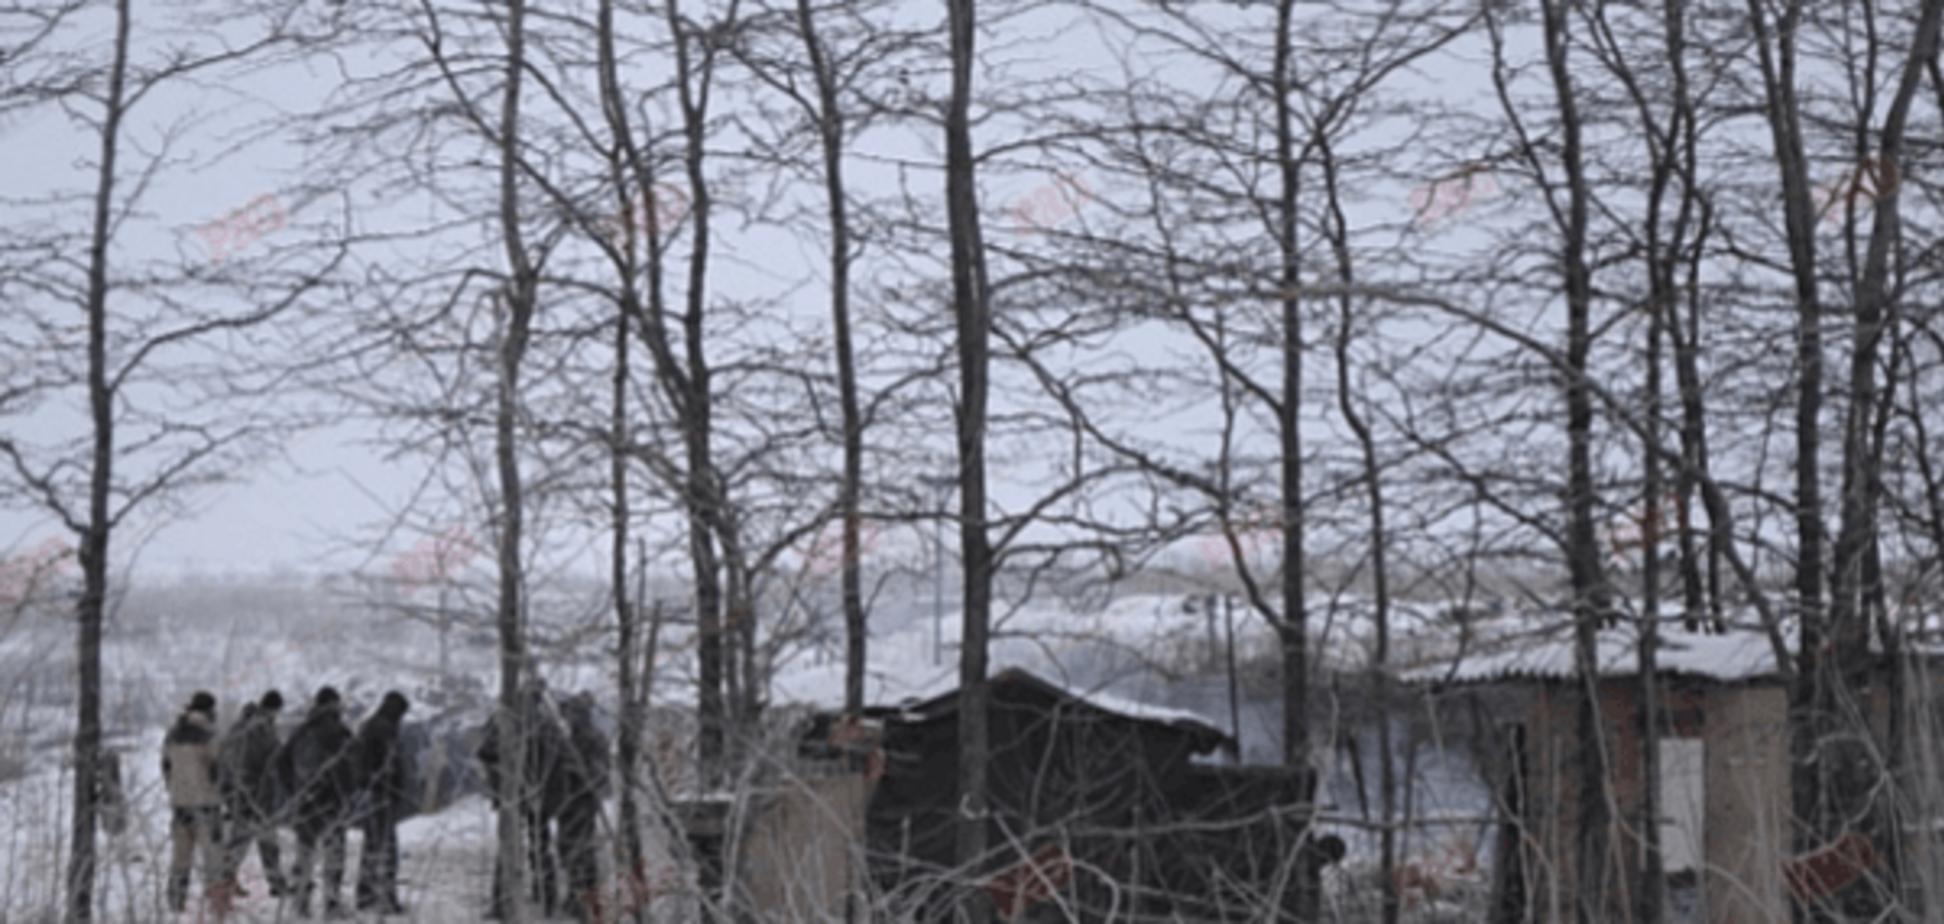 Под Бердянском взлетел на воздух палаточный городок военных: фото и видео с места событий